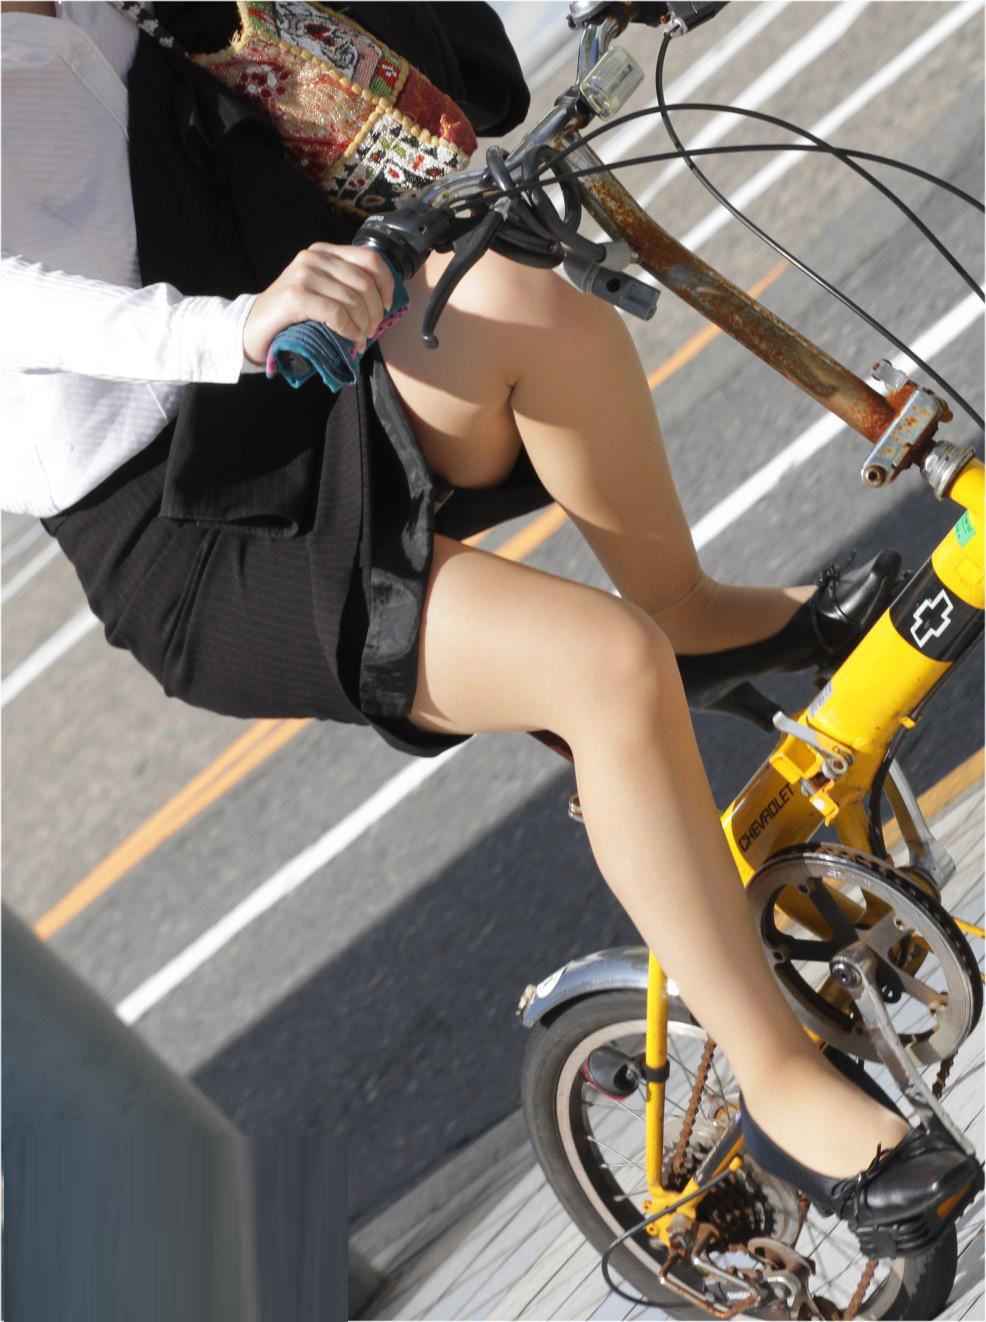 タイトスカートの裏地まで見えてる自転車OL画像1枚目